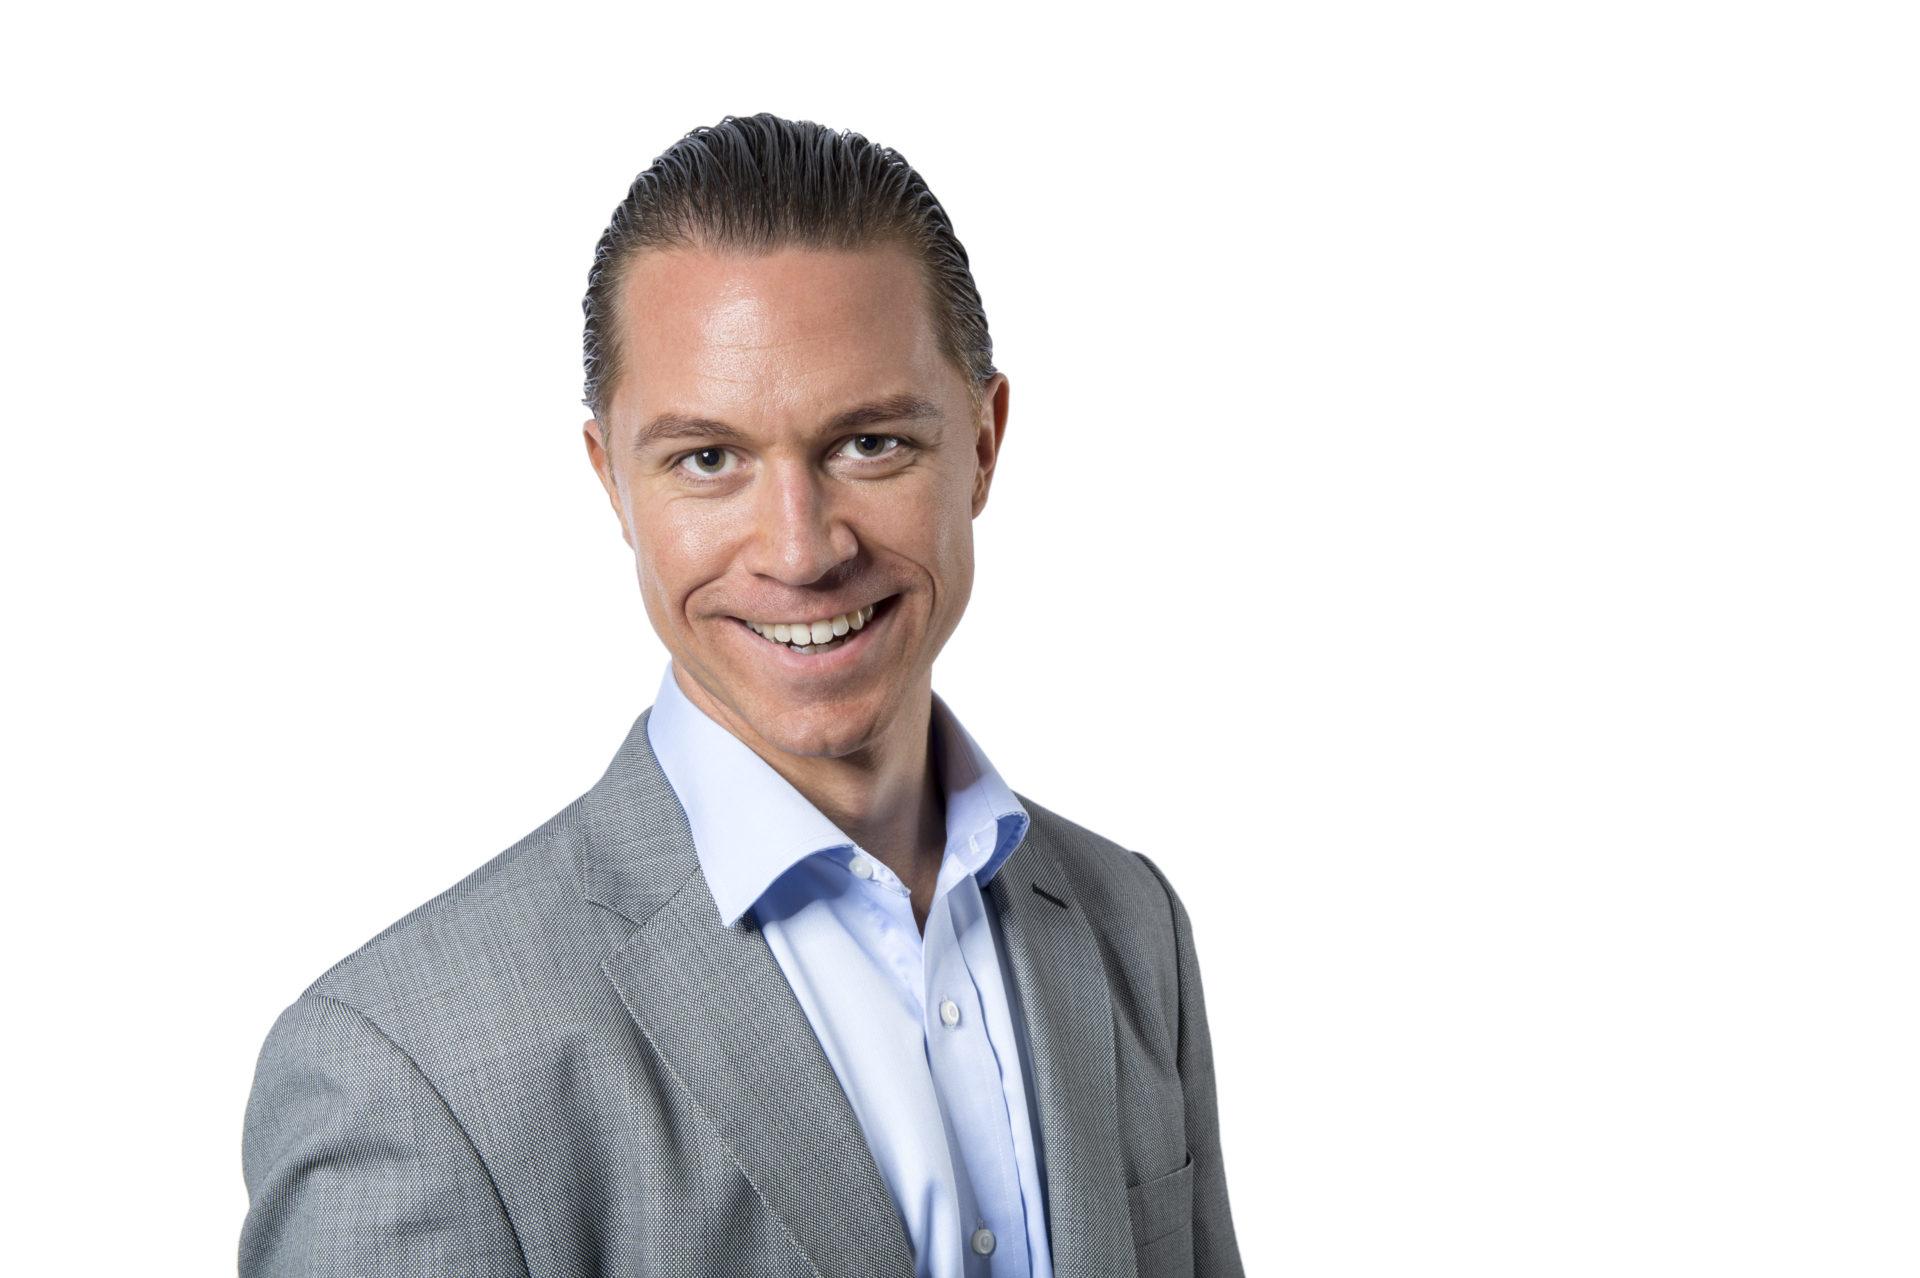 Emanuel Lipschütz, Netsafe